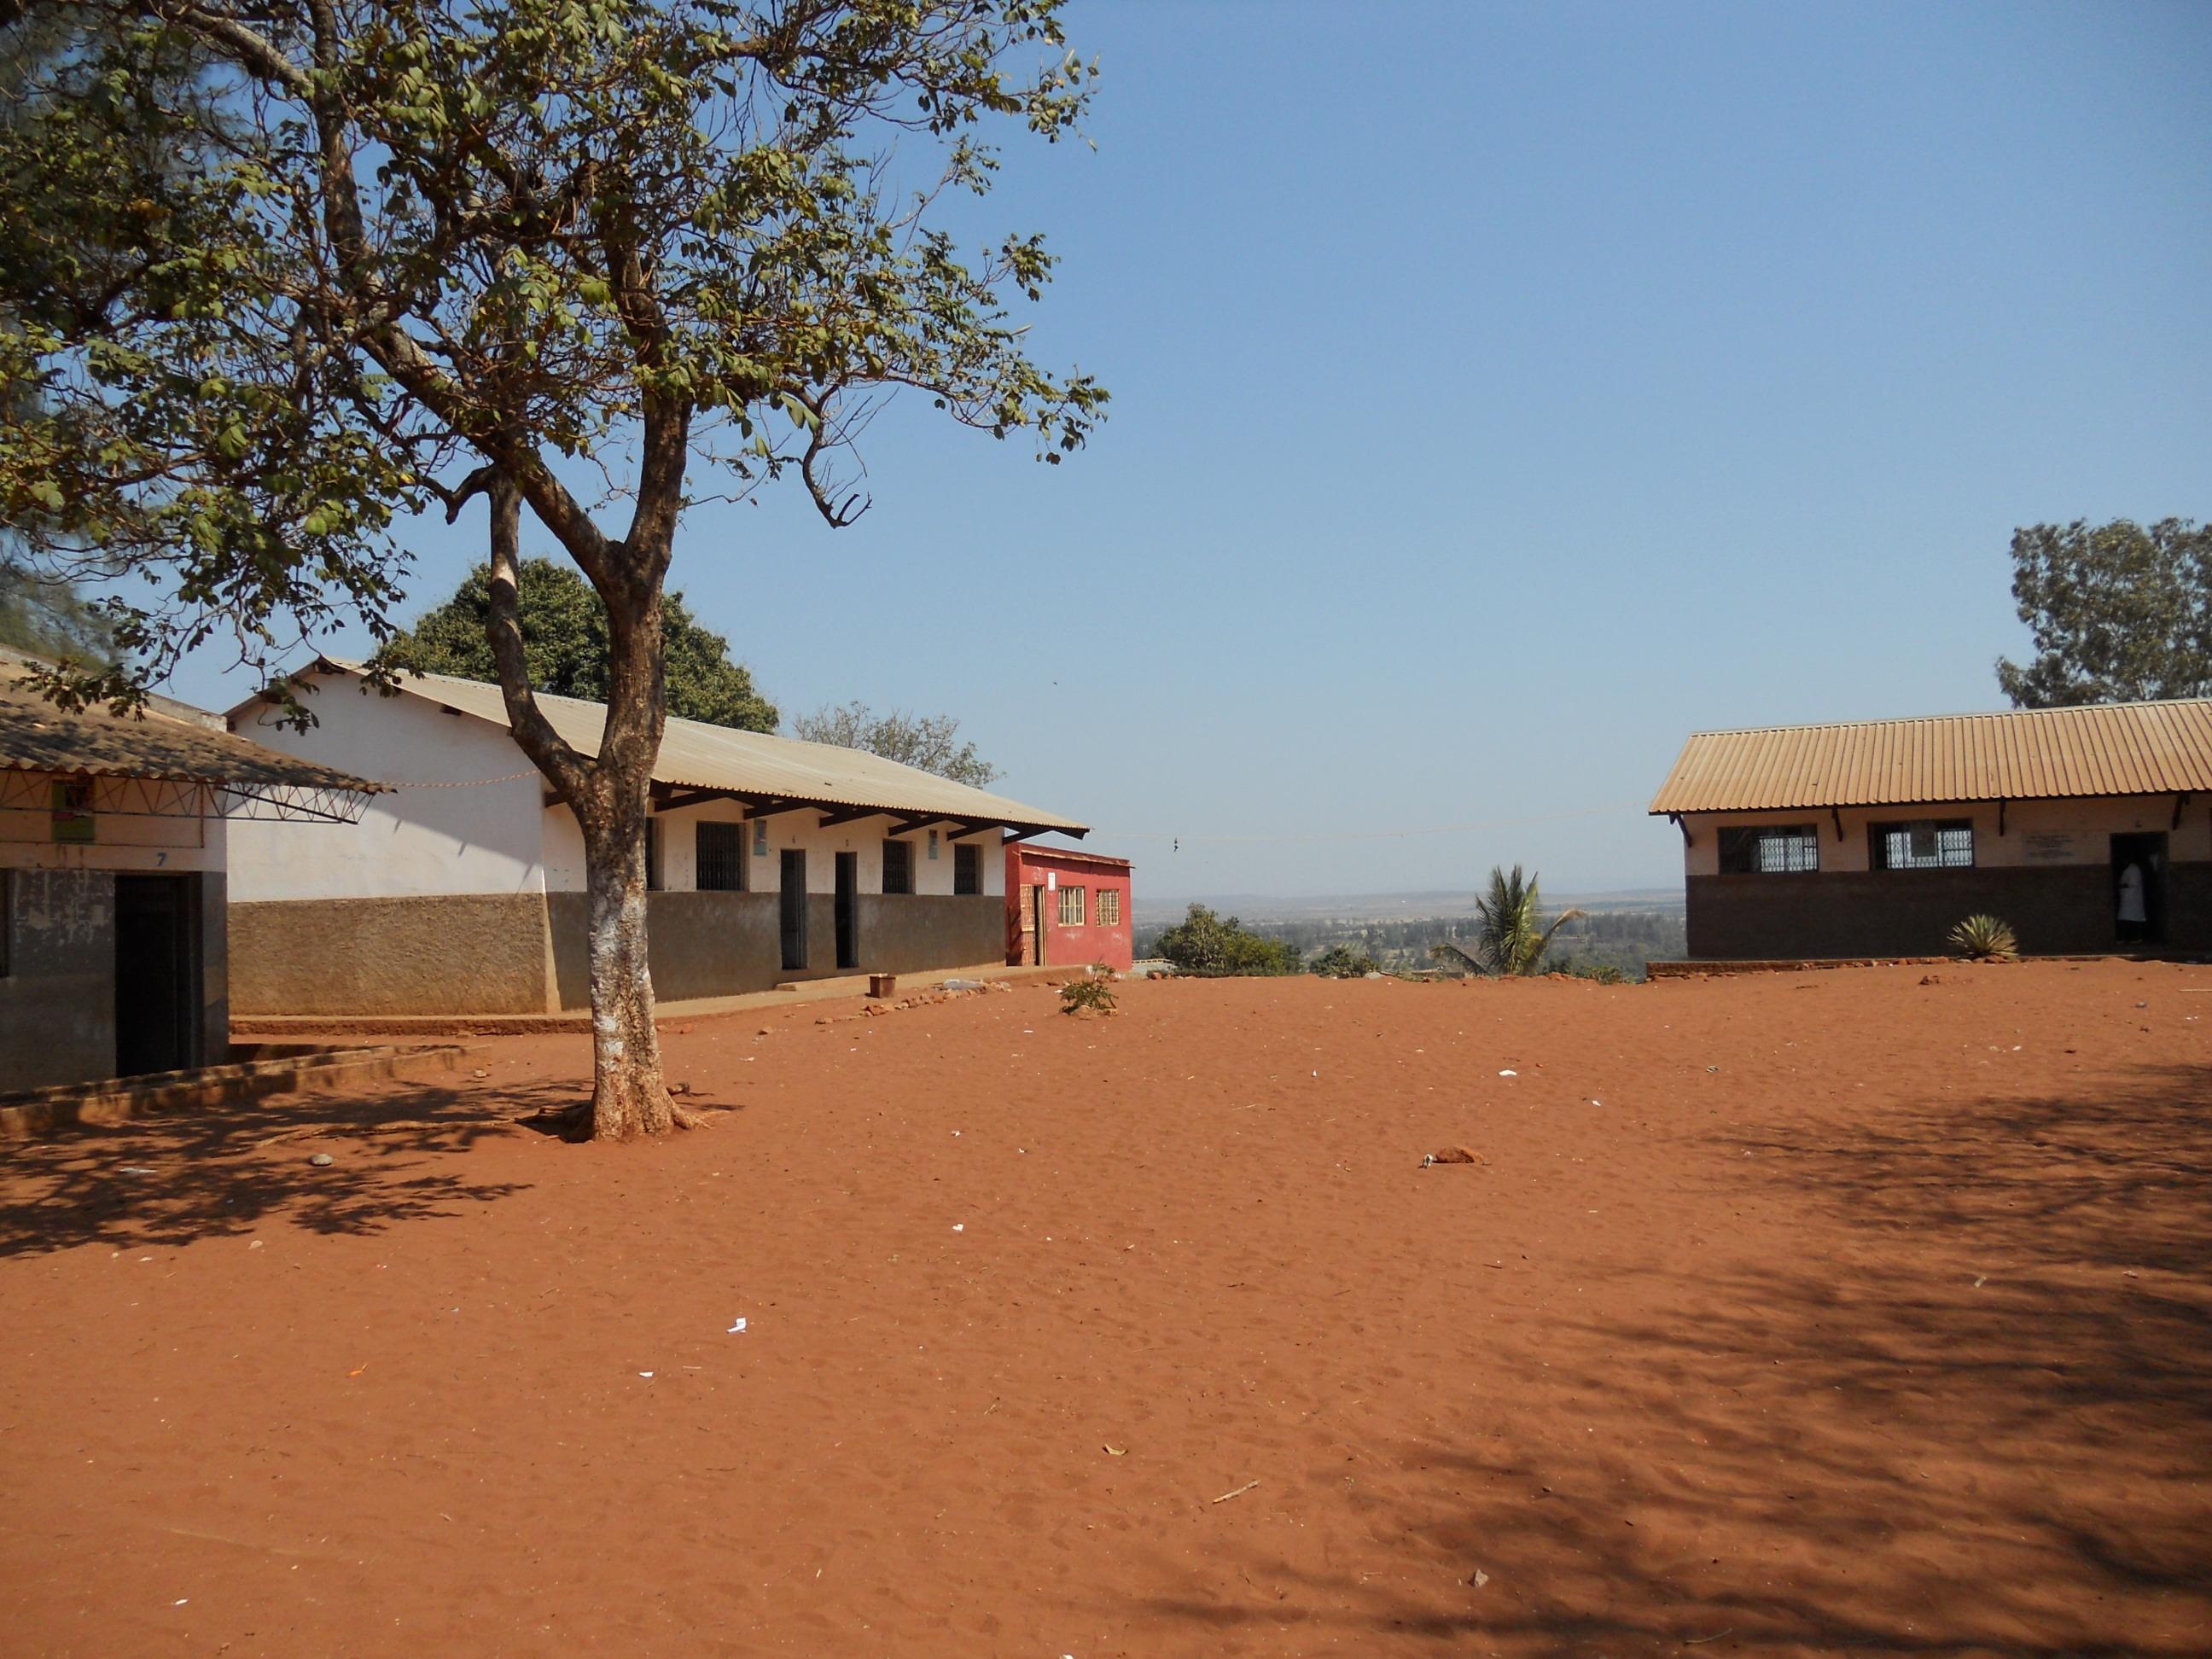 Codewiz: pictures/sugar/deployment/mozambique/schools/Boane-Sede